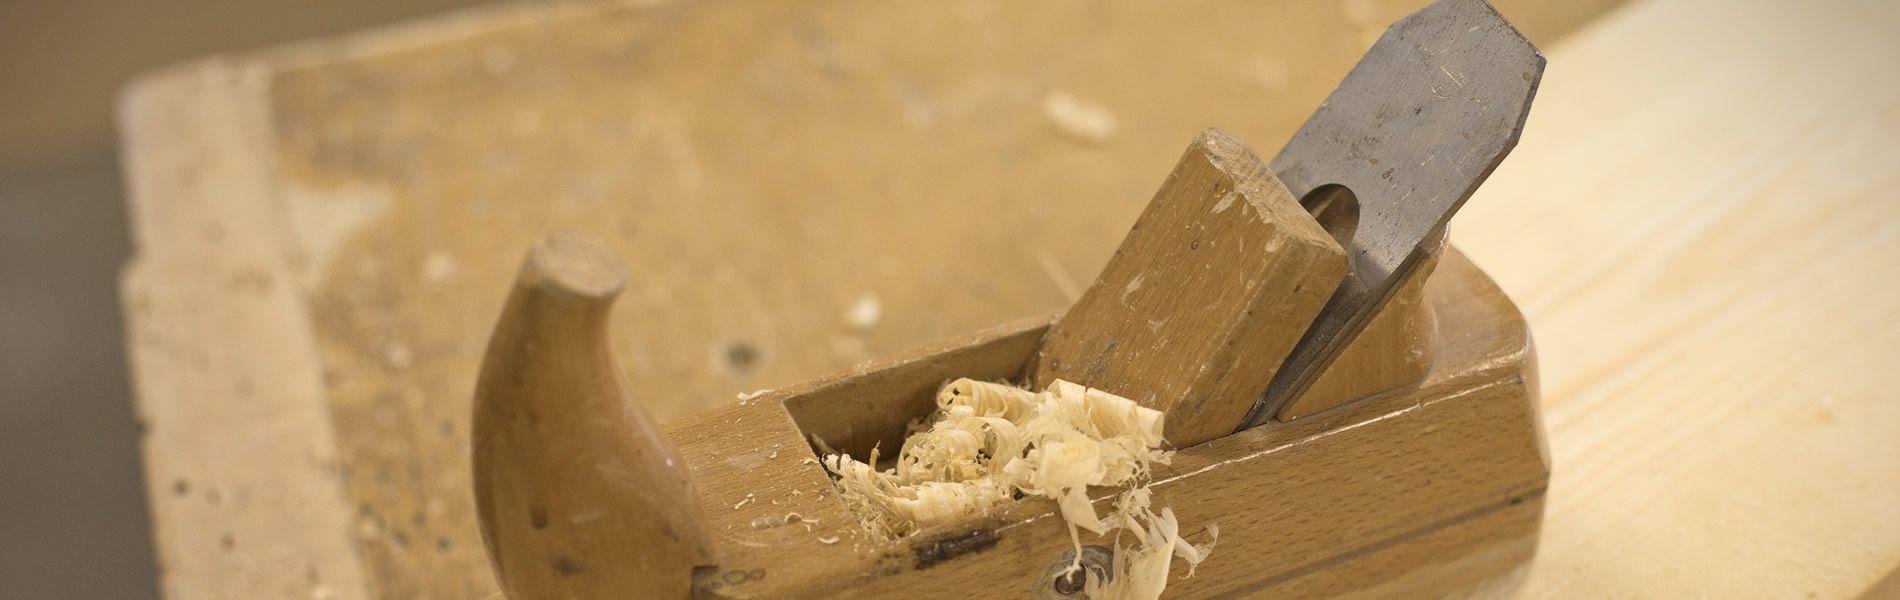 dettaglio trucioli lavorazione legno